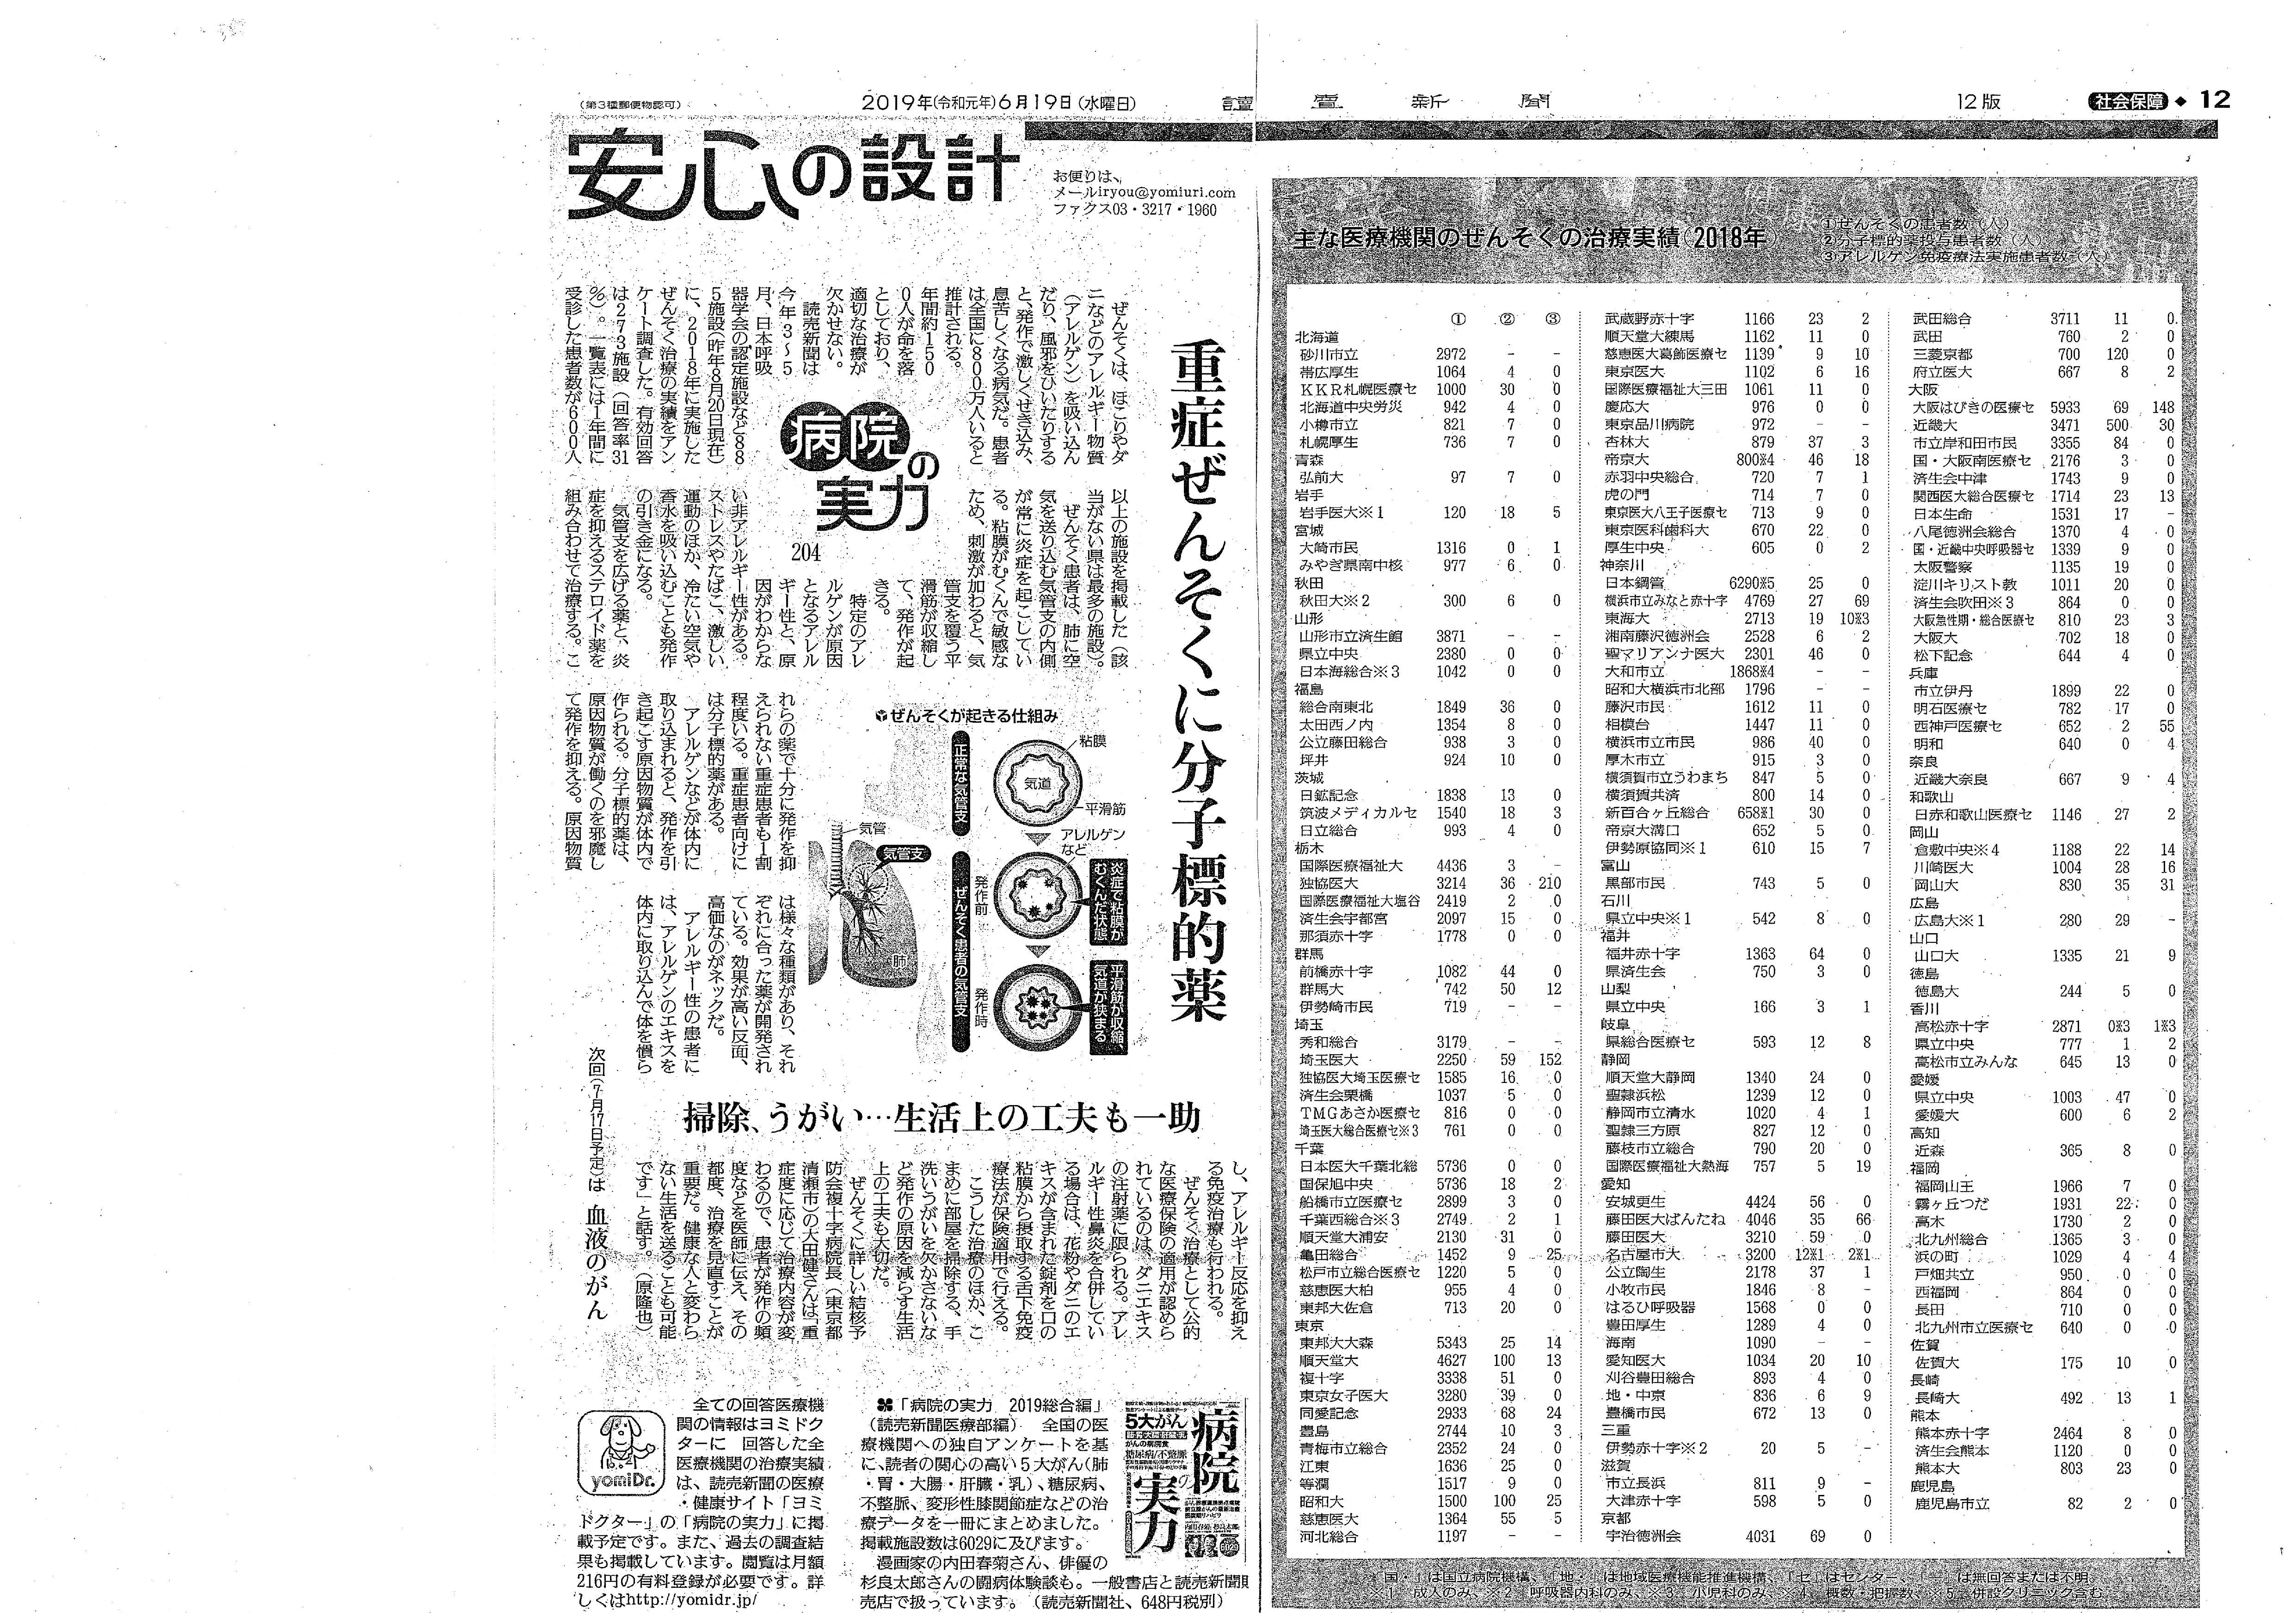 読売新聞全国版「ぜんそく」アンケート